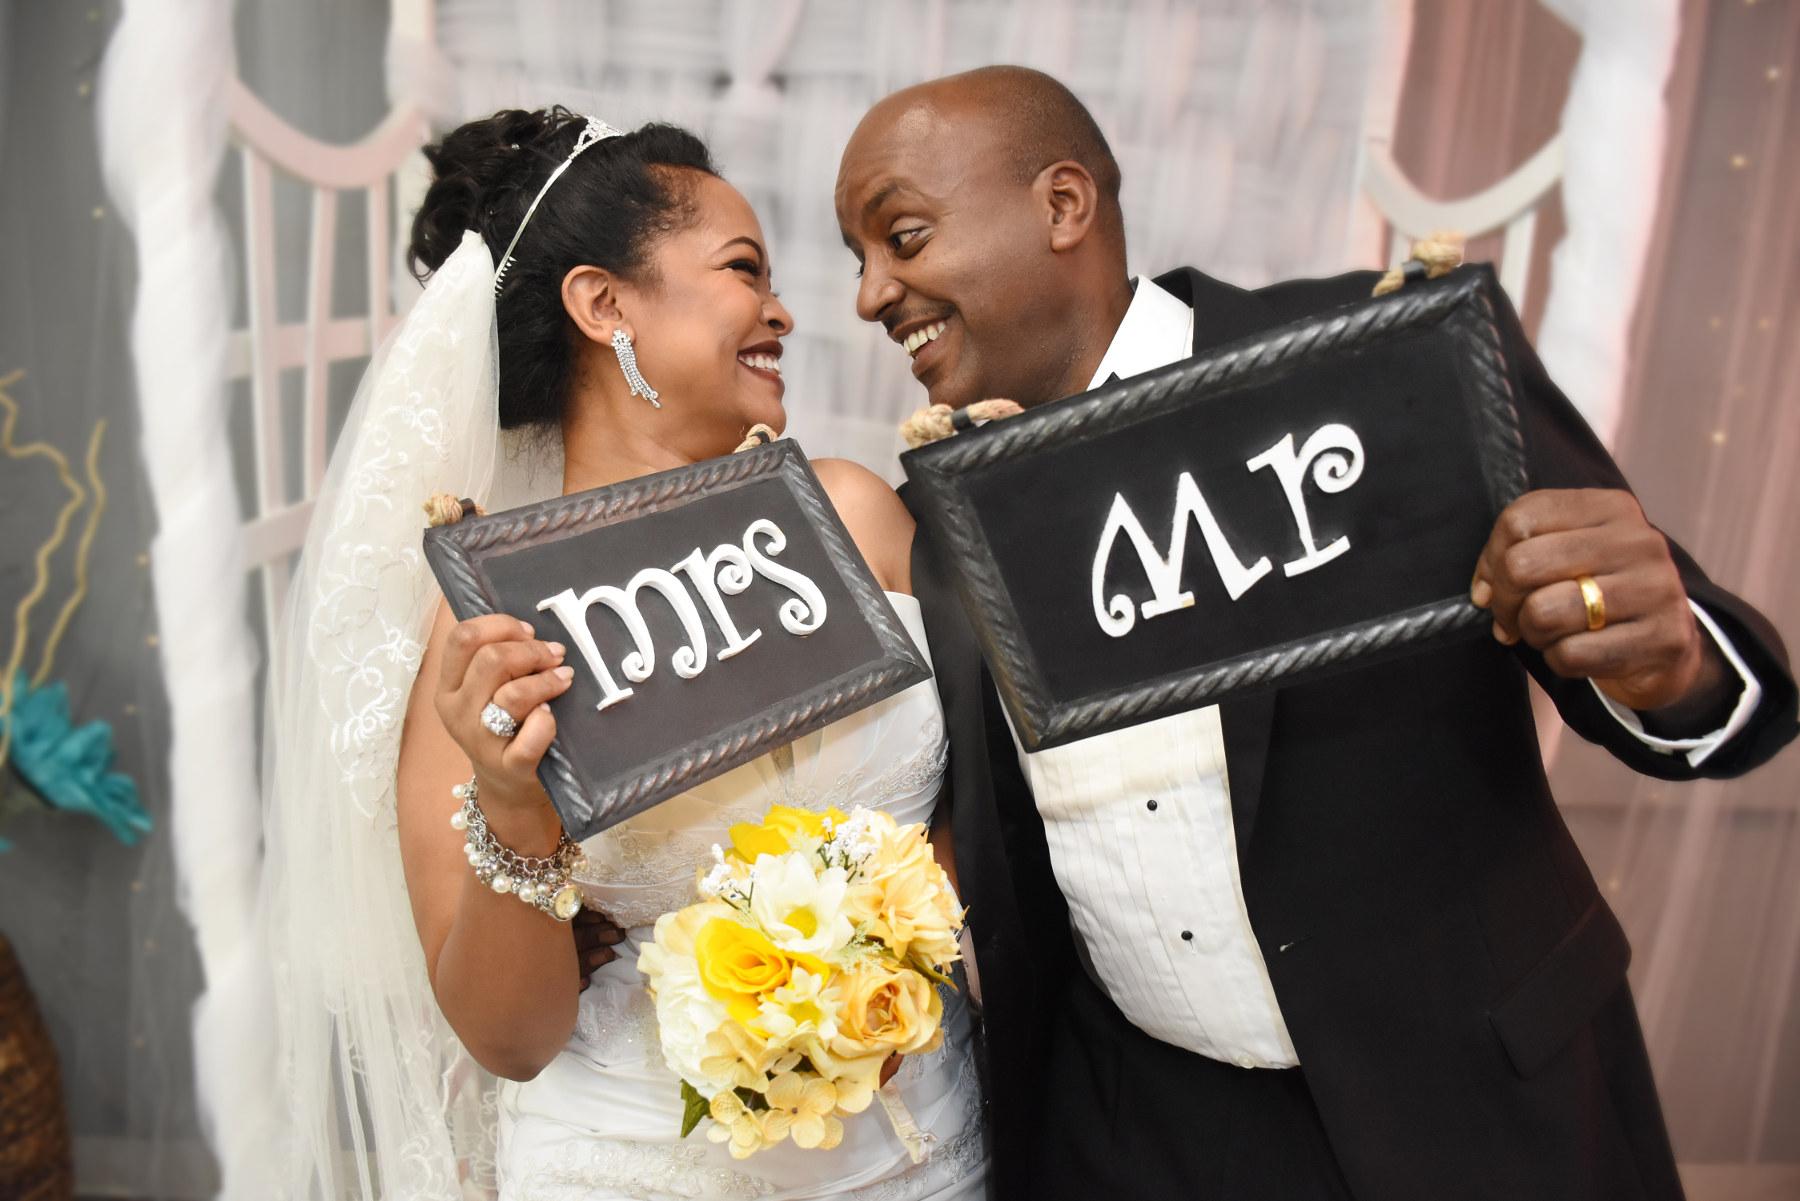 Hochzeit-Heirat.Info - Hochzeit & Heirat Infos & Hochzeit & Heirat Tipps | THE LITTLE VEGAS CHAPEL